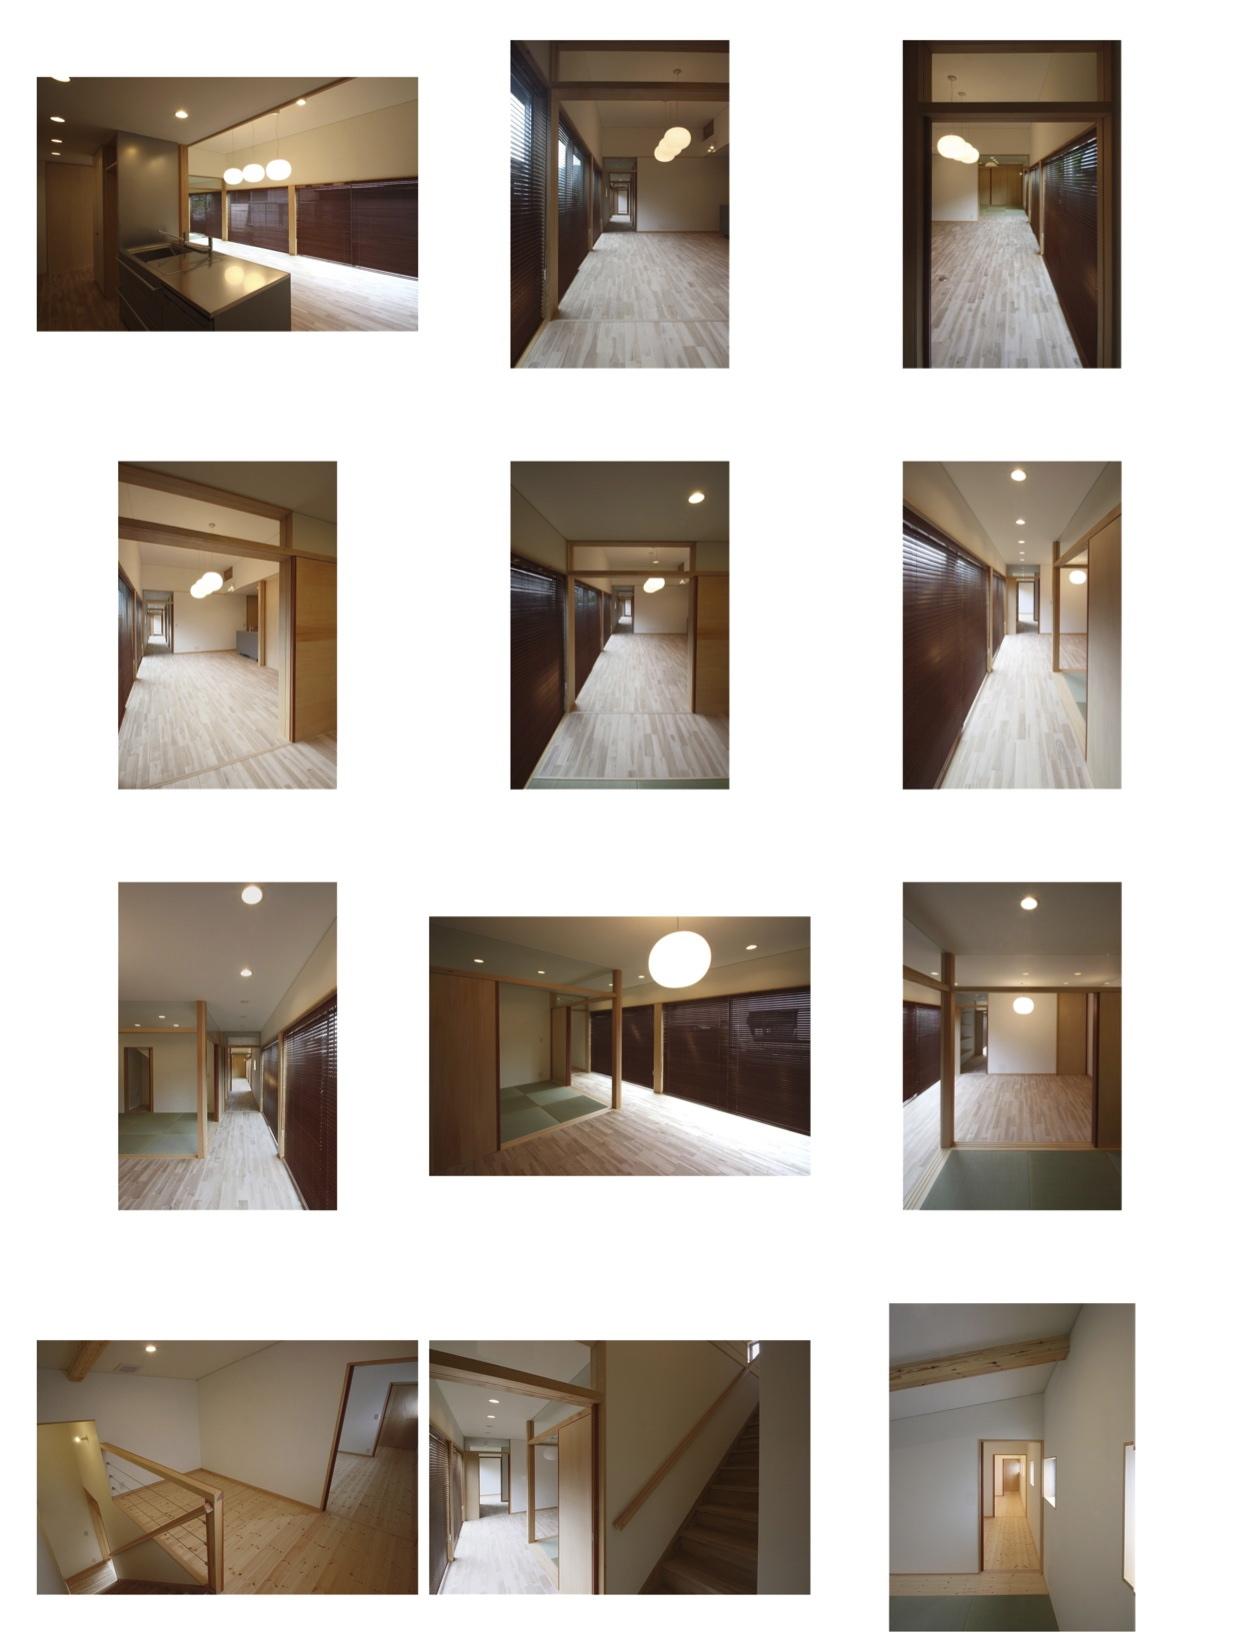 f0165030_12425848.jpg